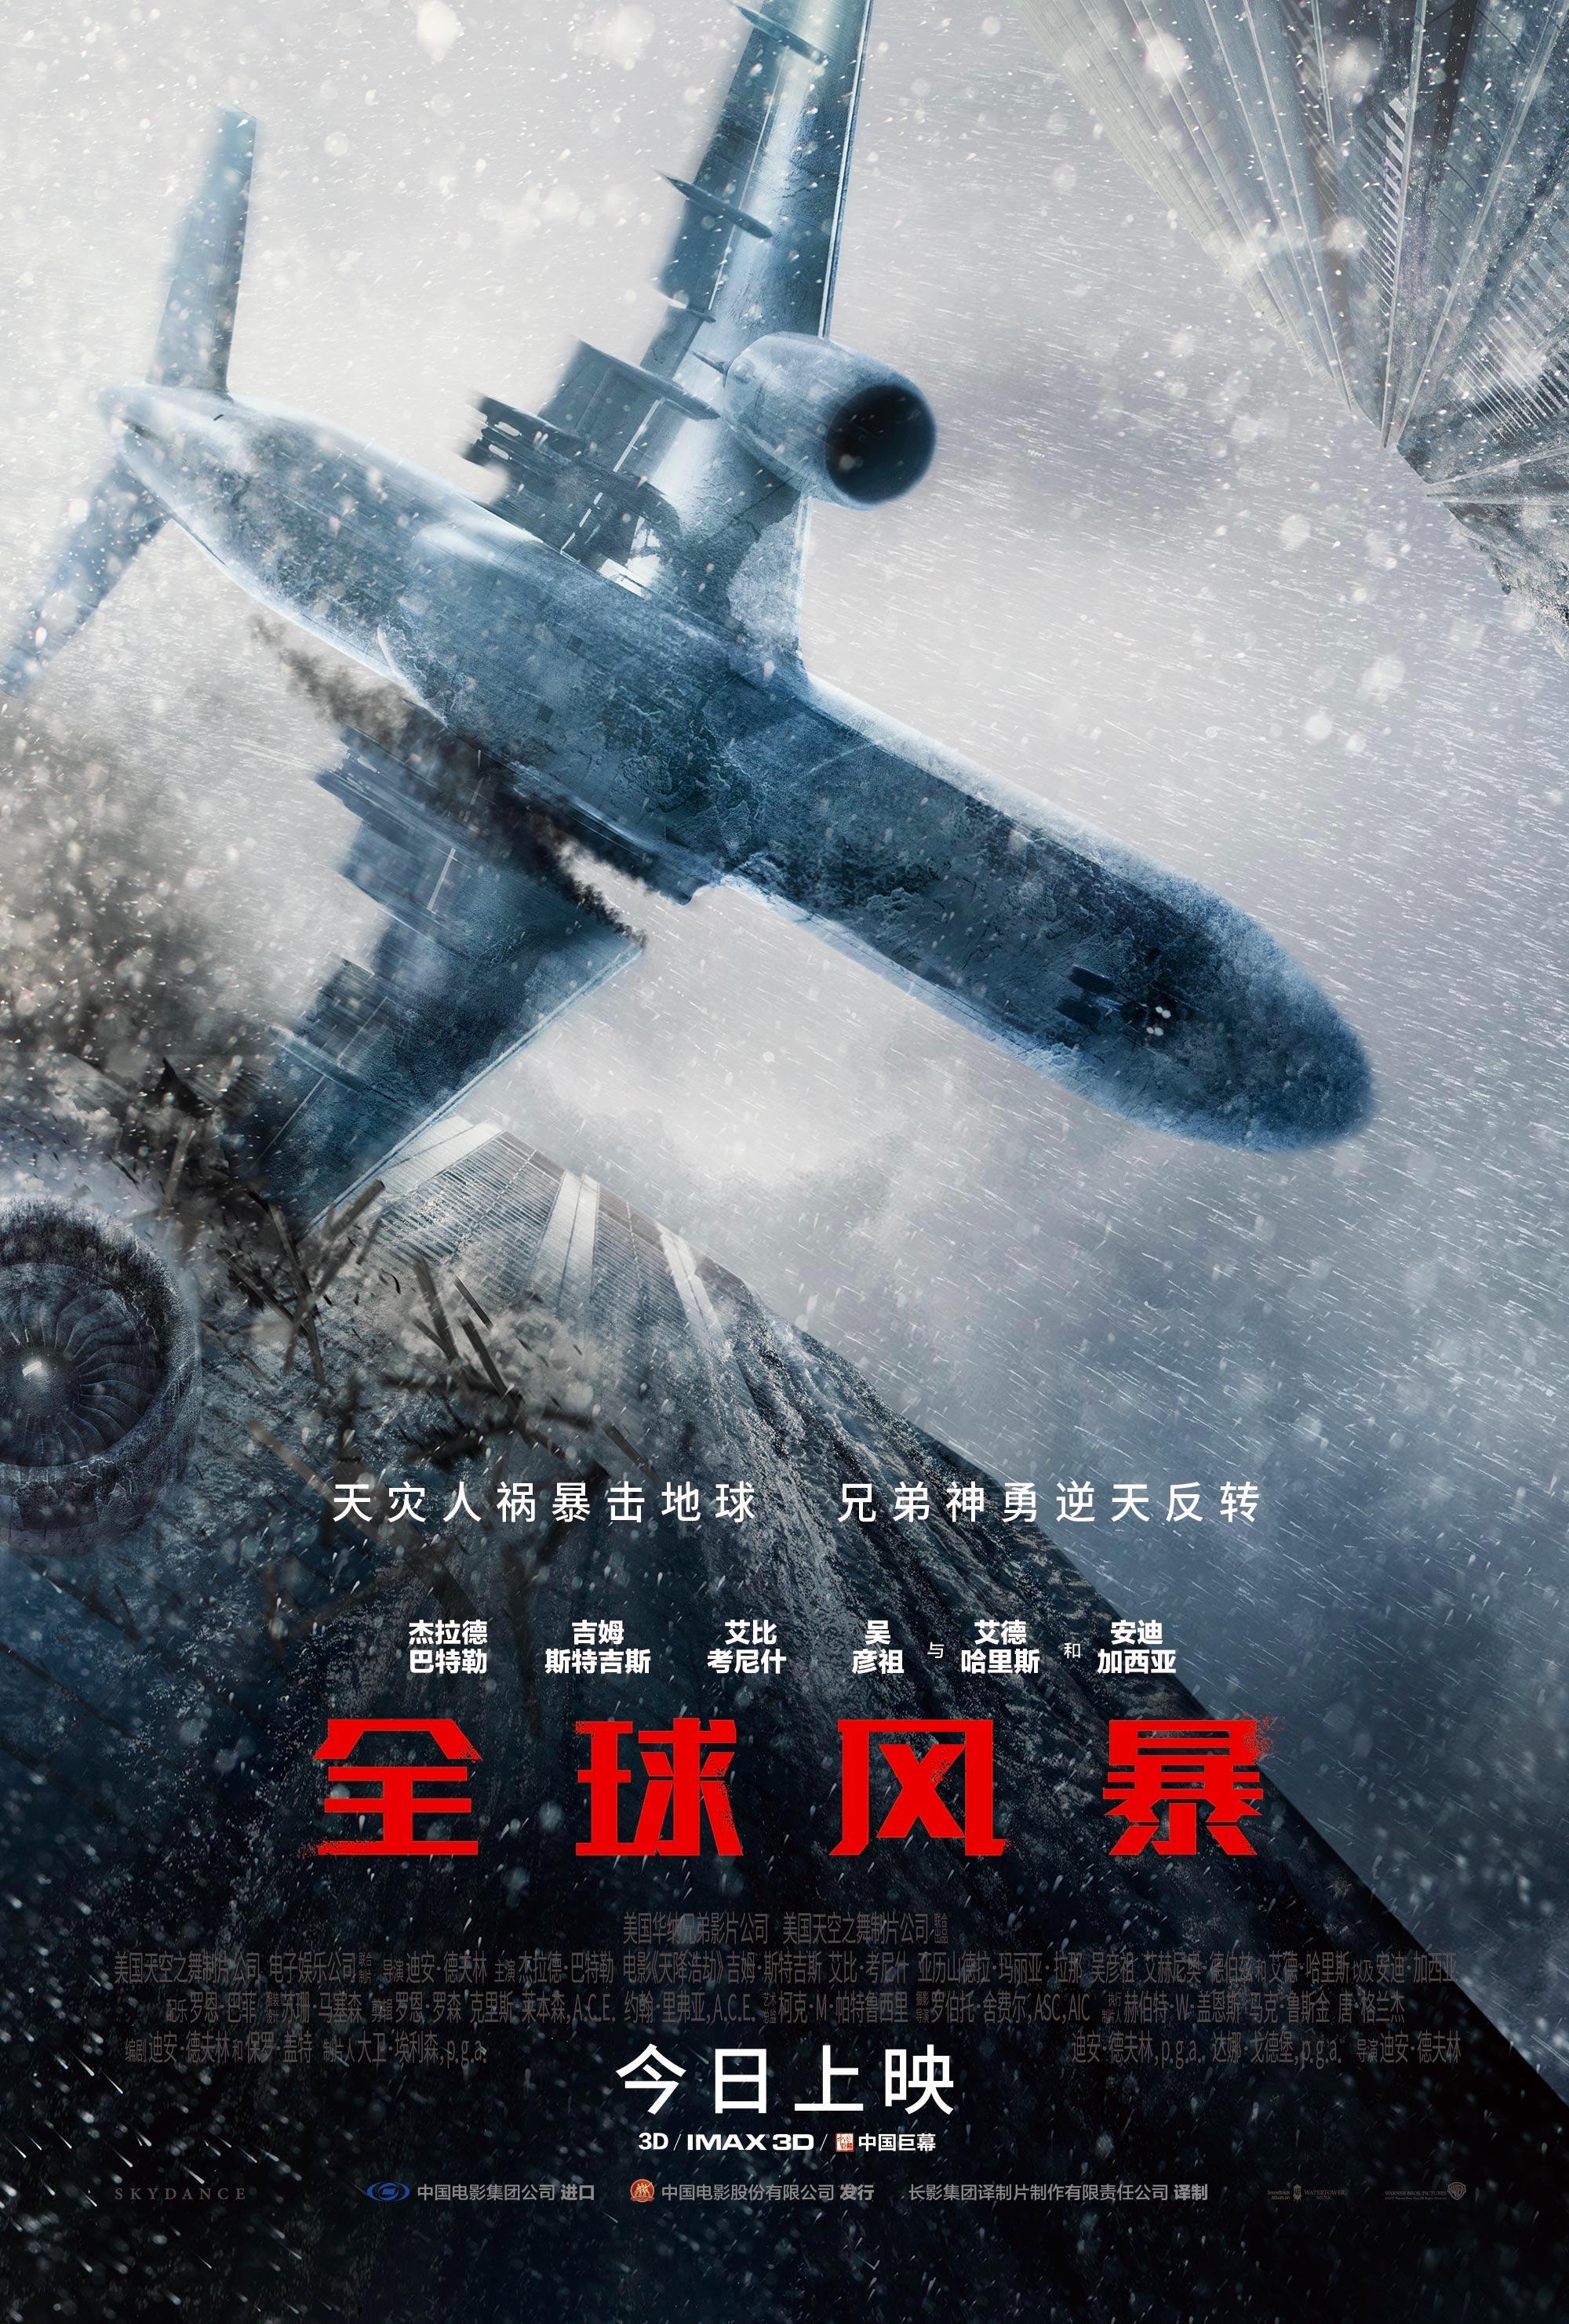 《全球风暴》:这部电影是比《后天》还要有趣的——大后天 - 狐狸·梦见乌鸦 - 埋骨之地